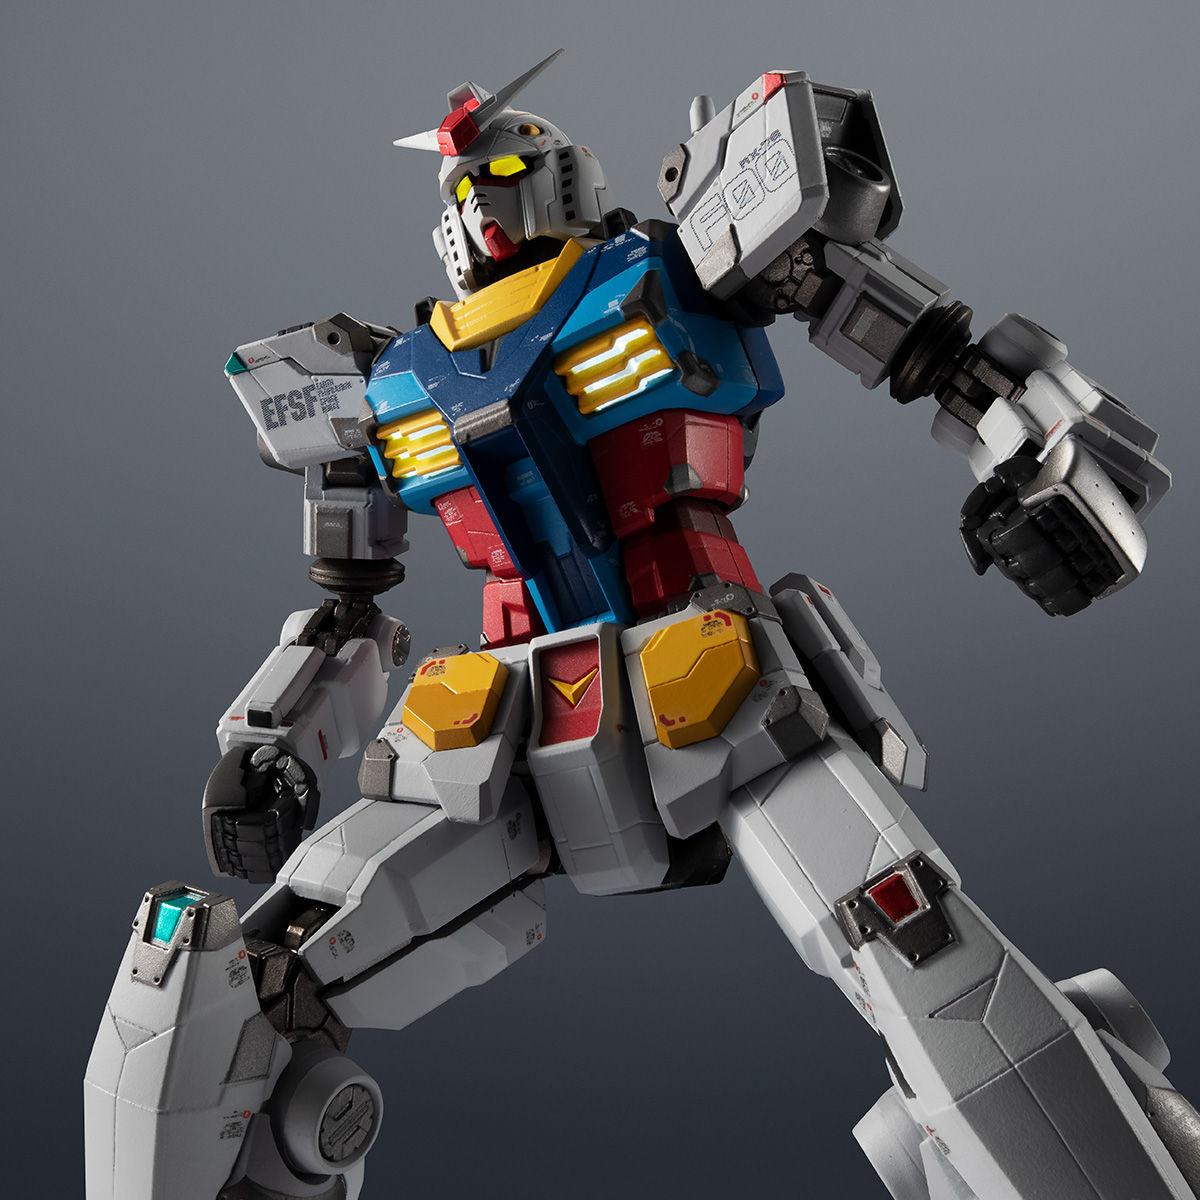 【限定販売】超合金×GUNDAM FACTORY YOKOHAMA『RX-78F00 GUNDAM』可動フィギュア-001